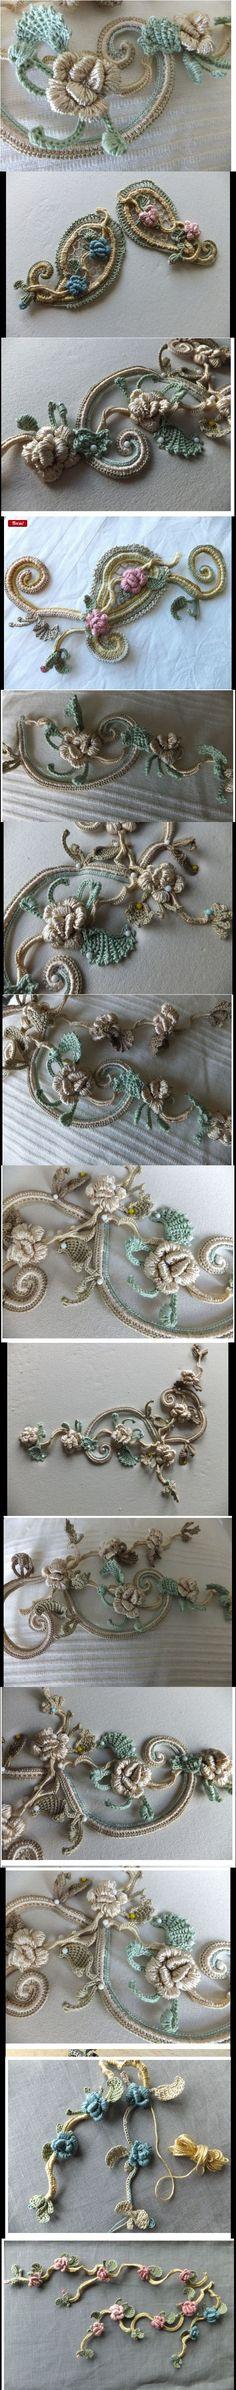 748 best crochet 3 images